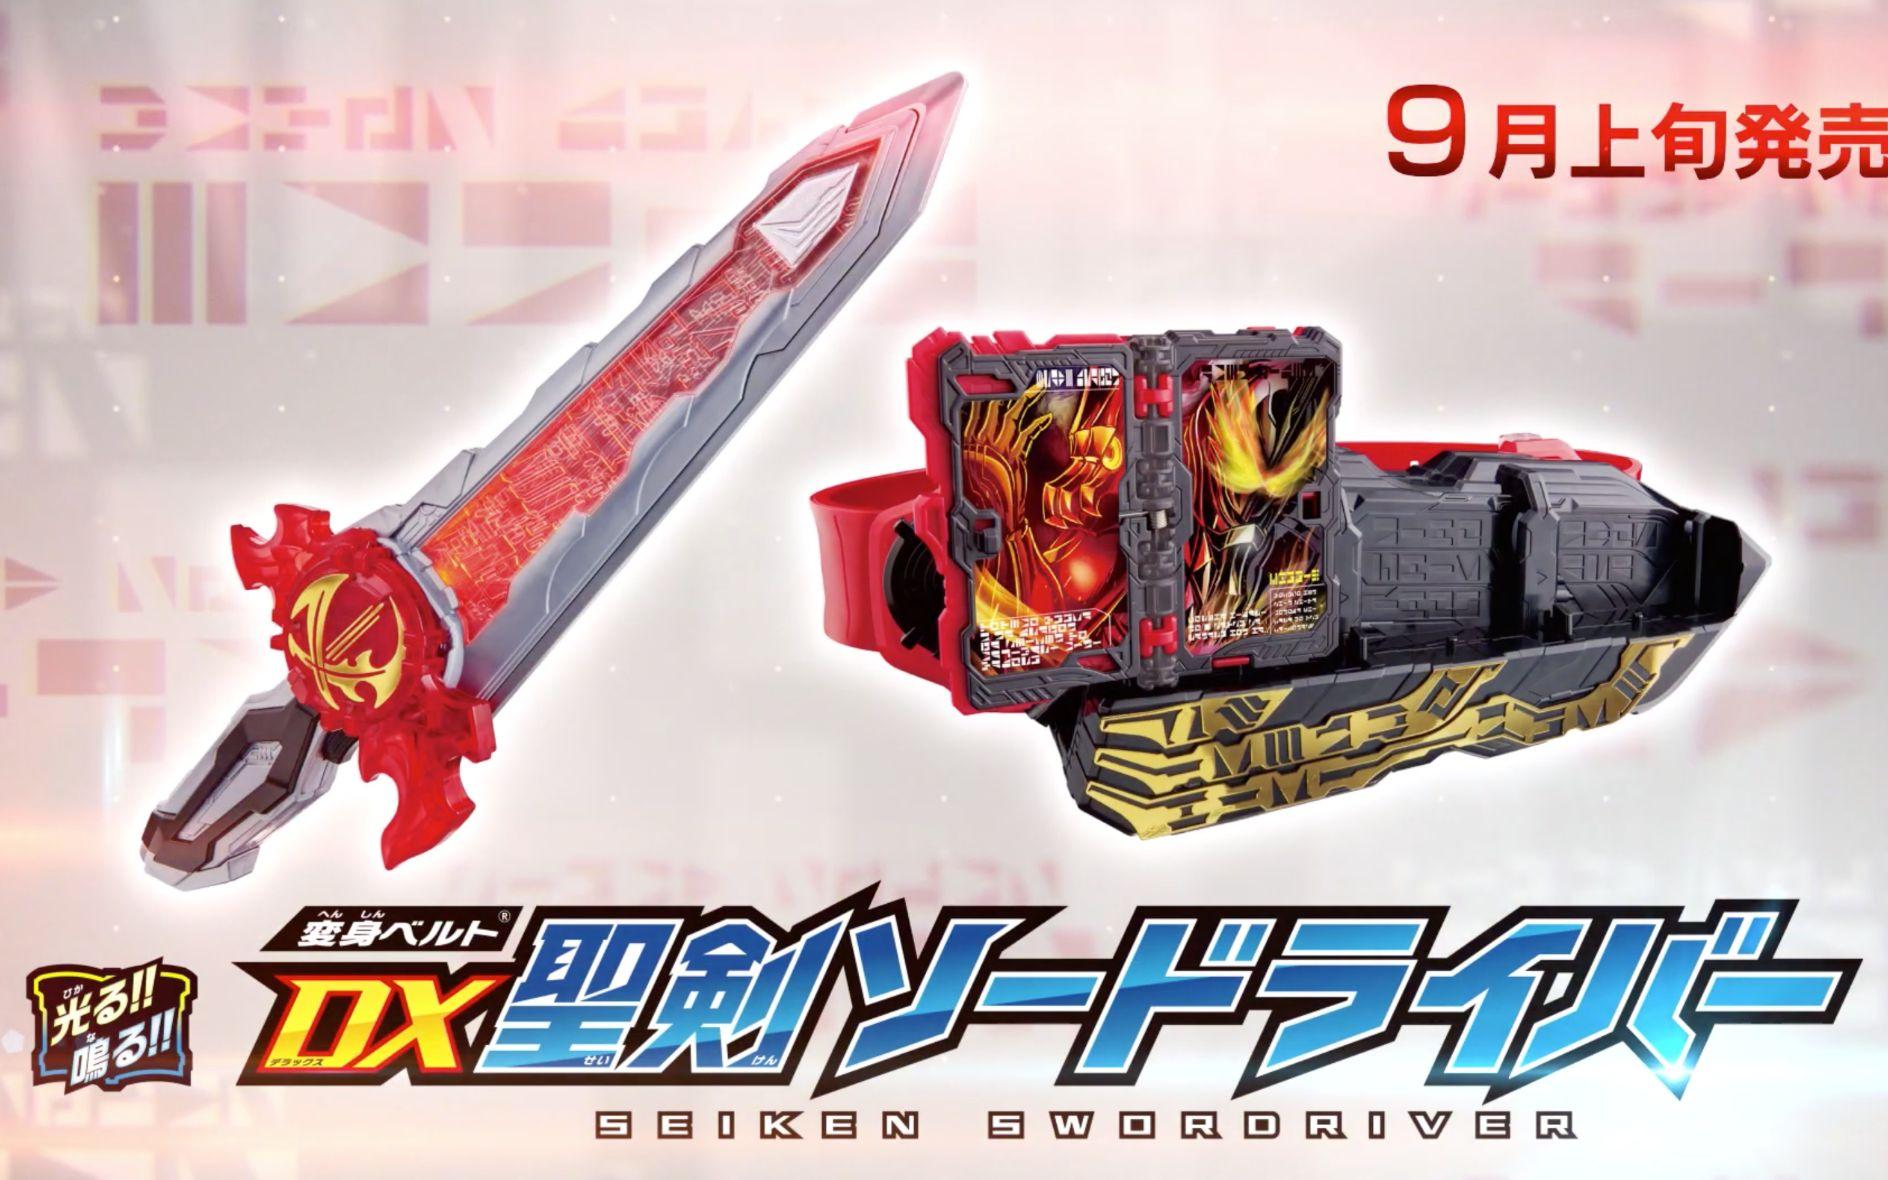 假面骑士圣刃「 DX圣剑Sword腰带」CM